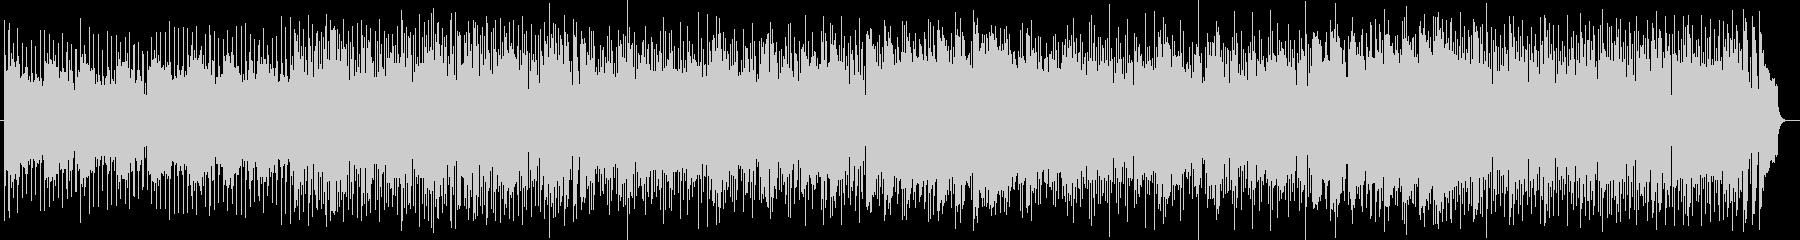 メローでメロディアスなハーモニカポップスの未再生の波形